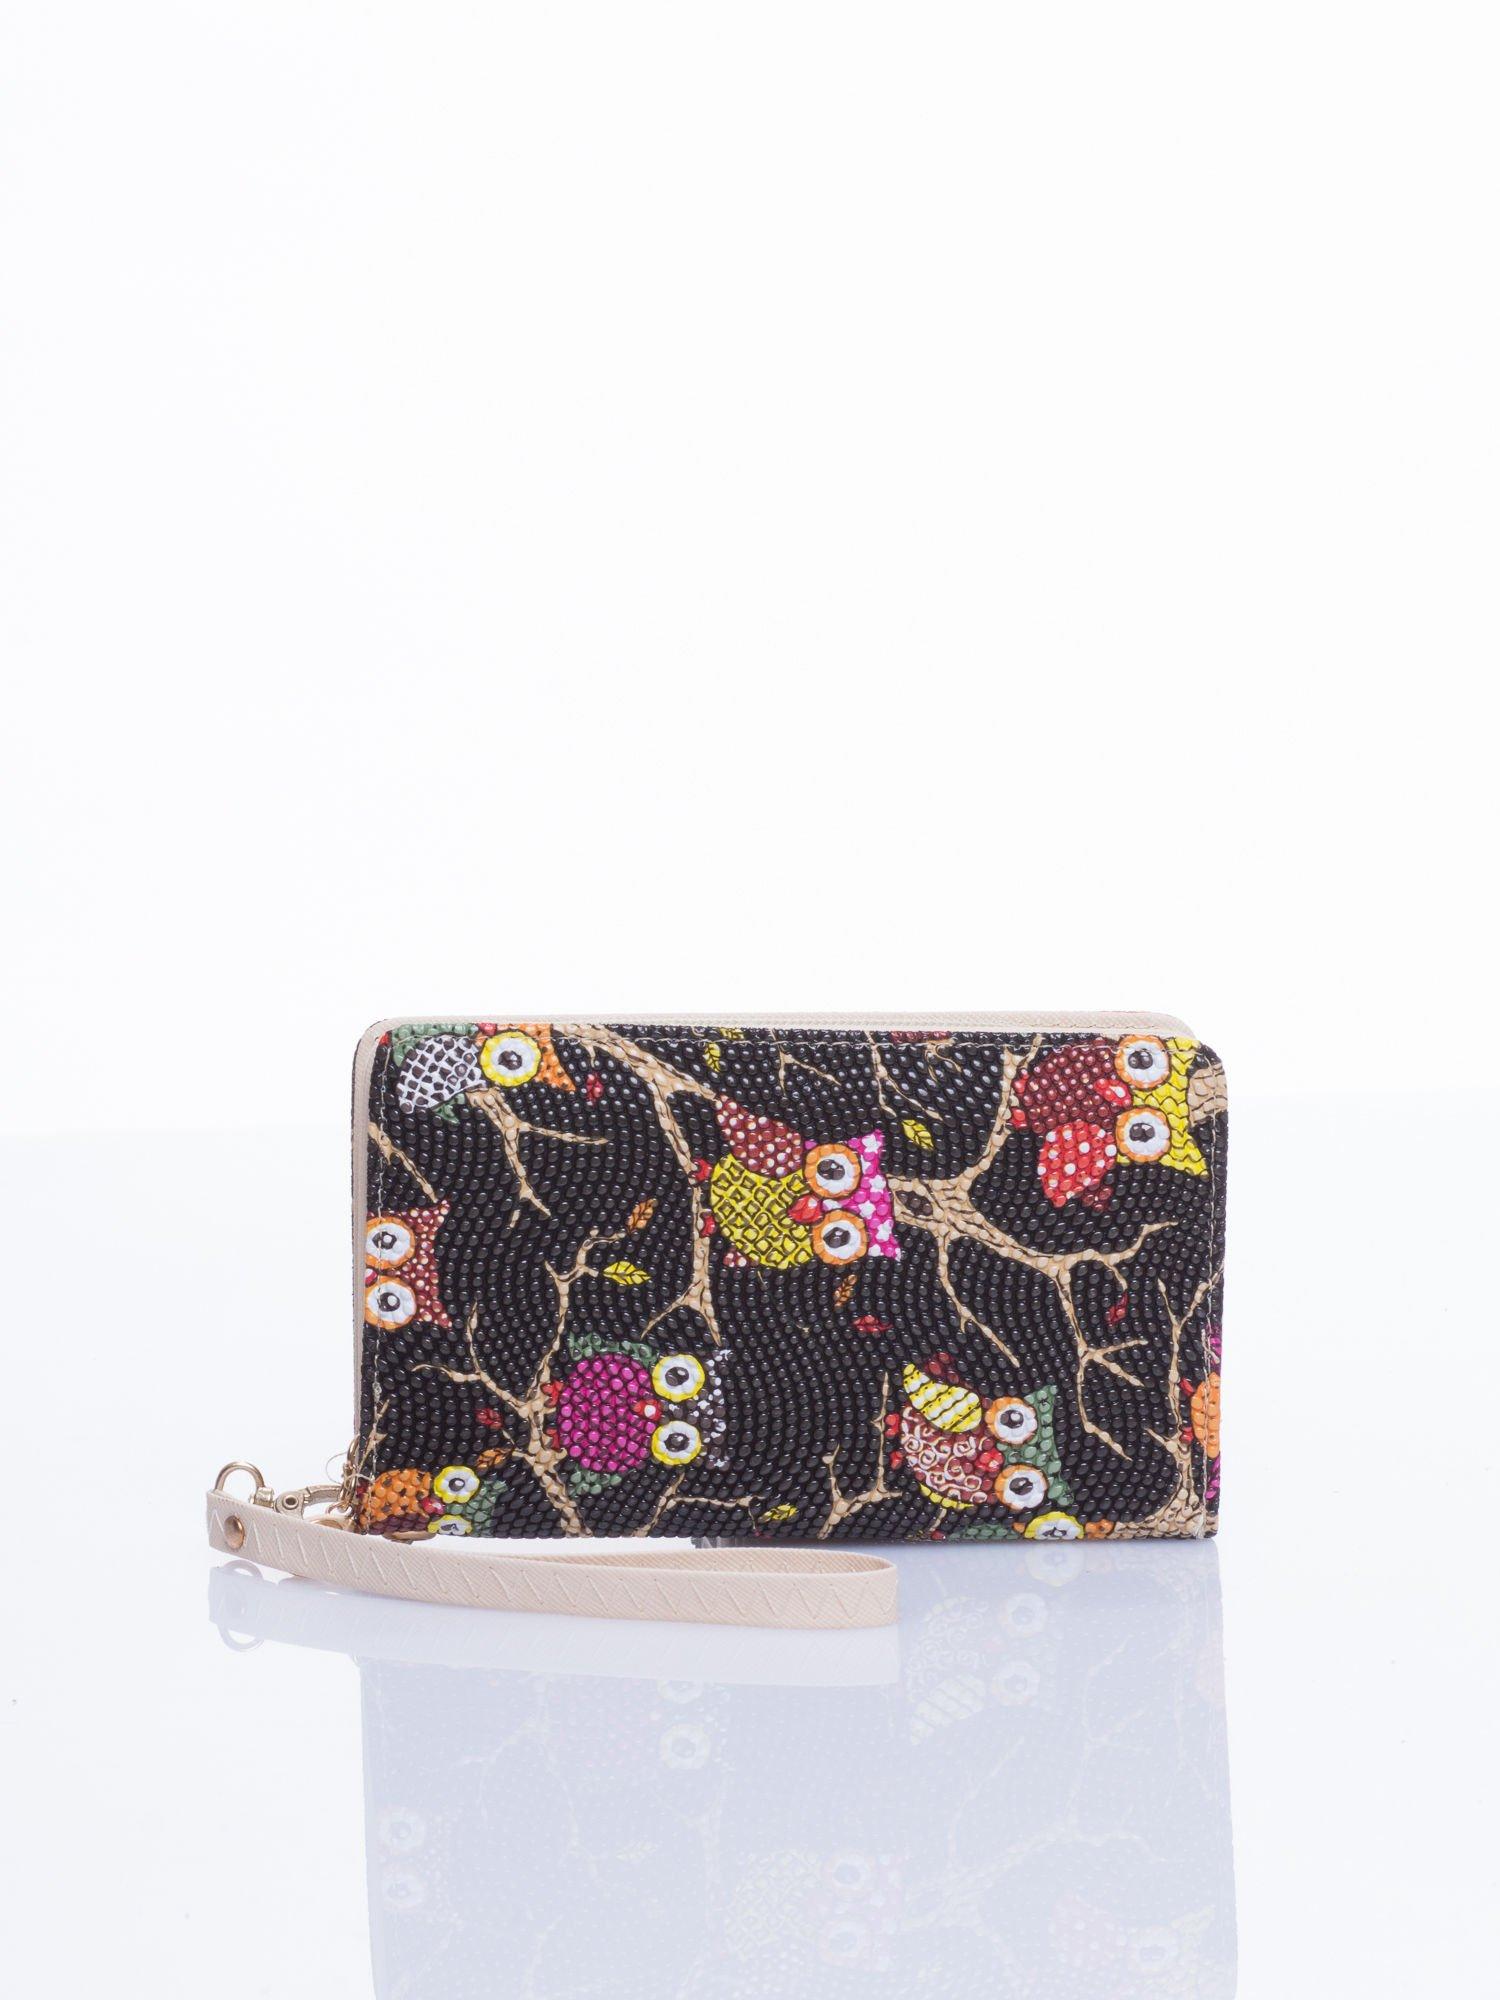 Czarny mini portfel w sówki                                  zdj.                                  1